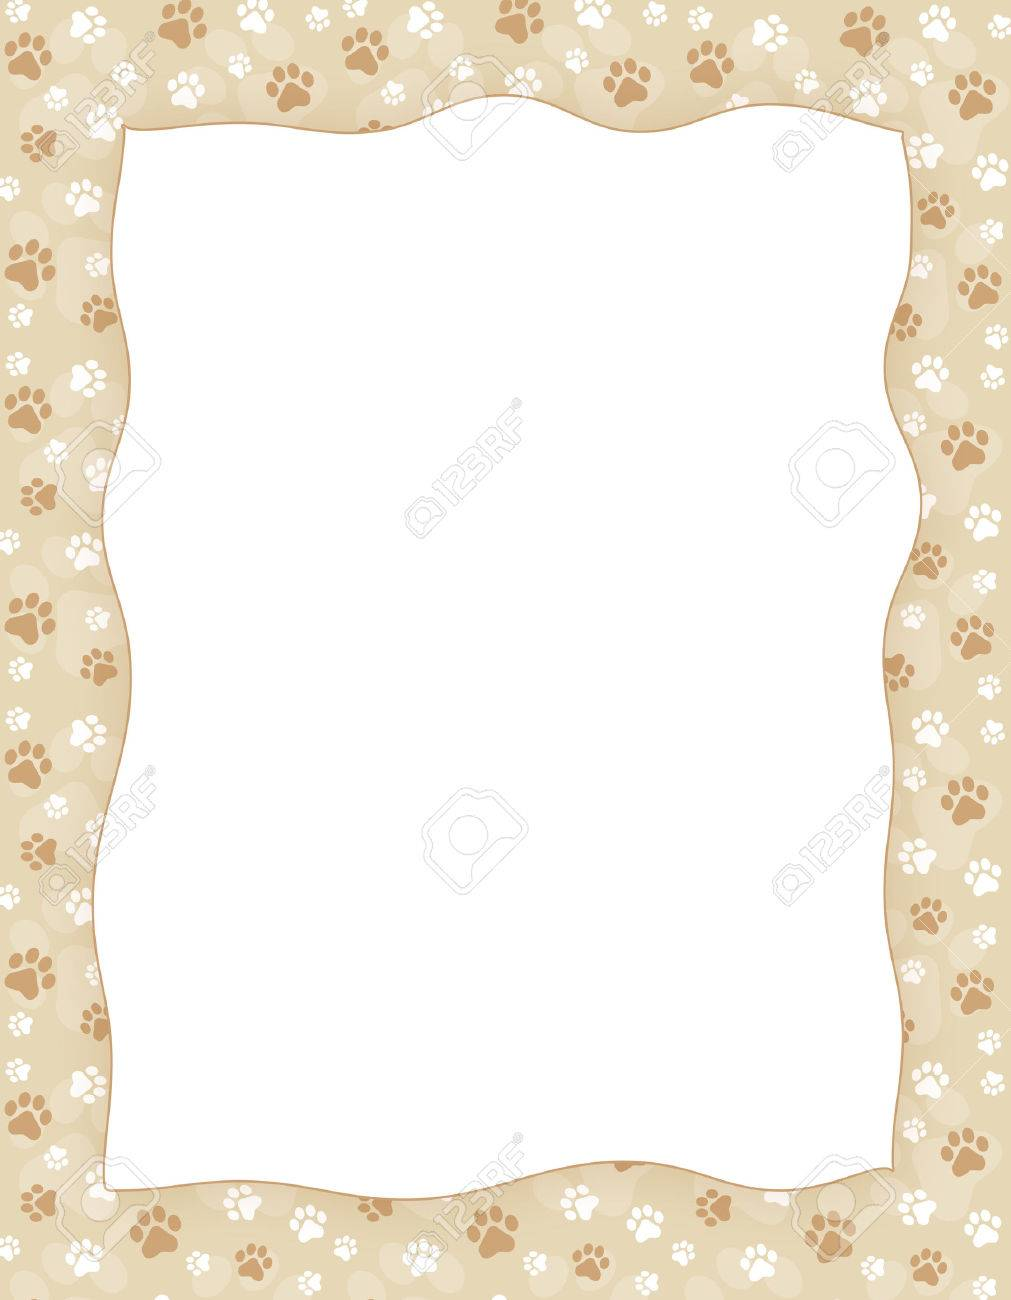 Brown Y Impresión De La Pata Blanco Patrón Transparente Frontera ...